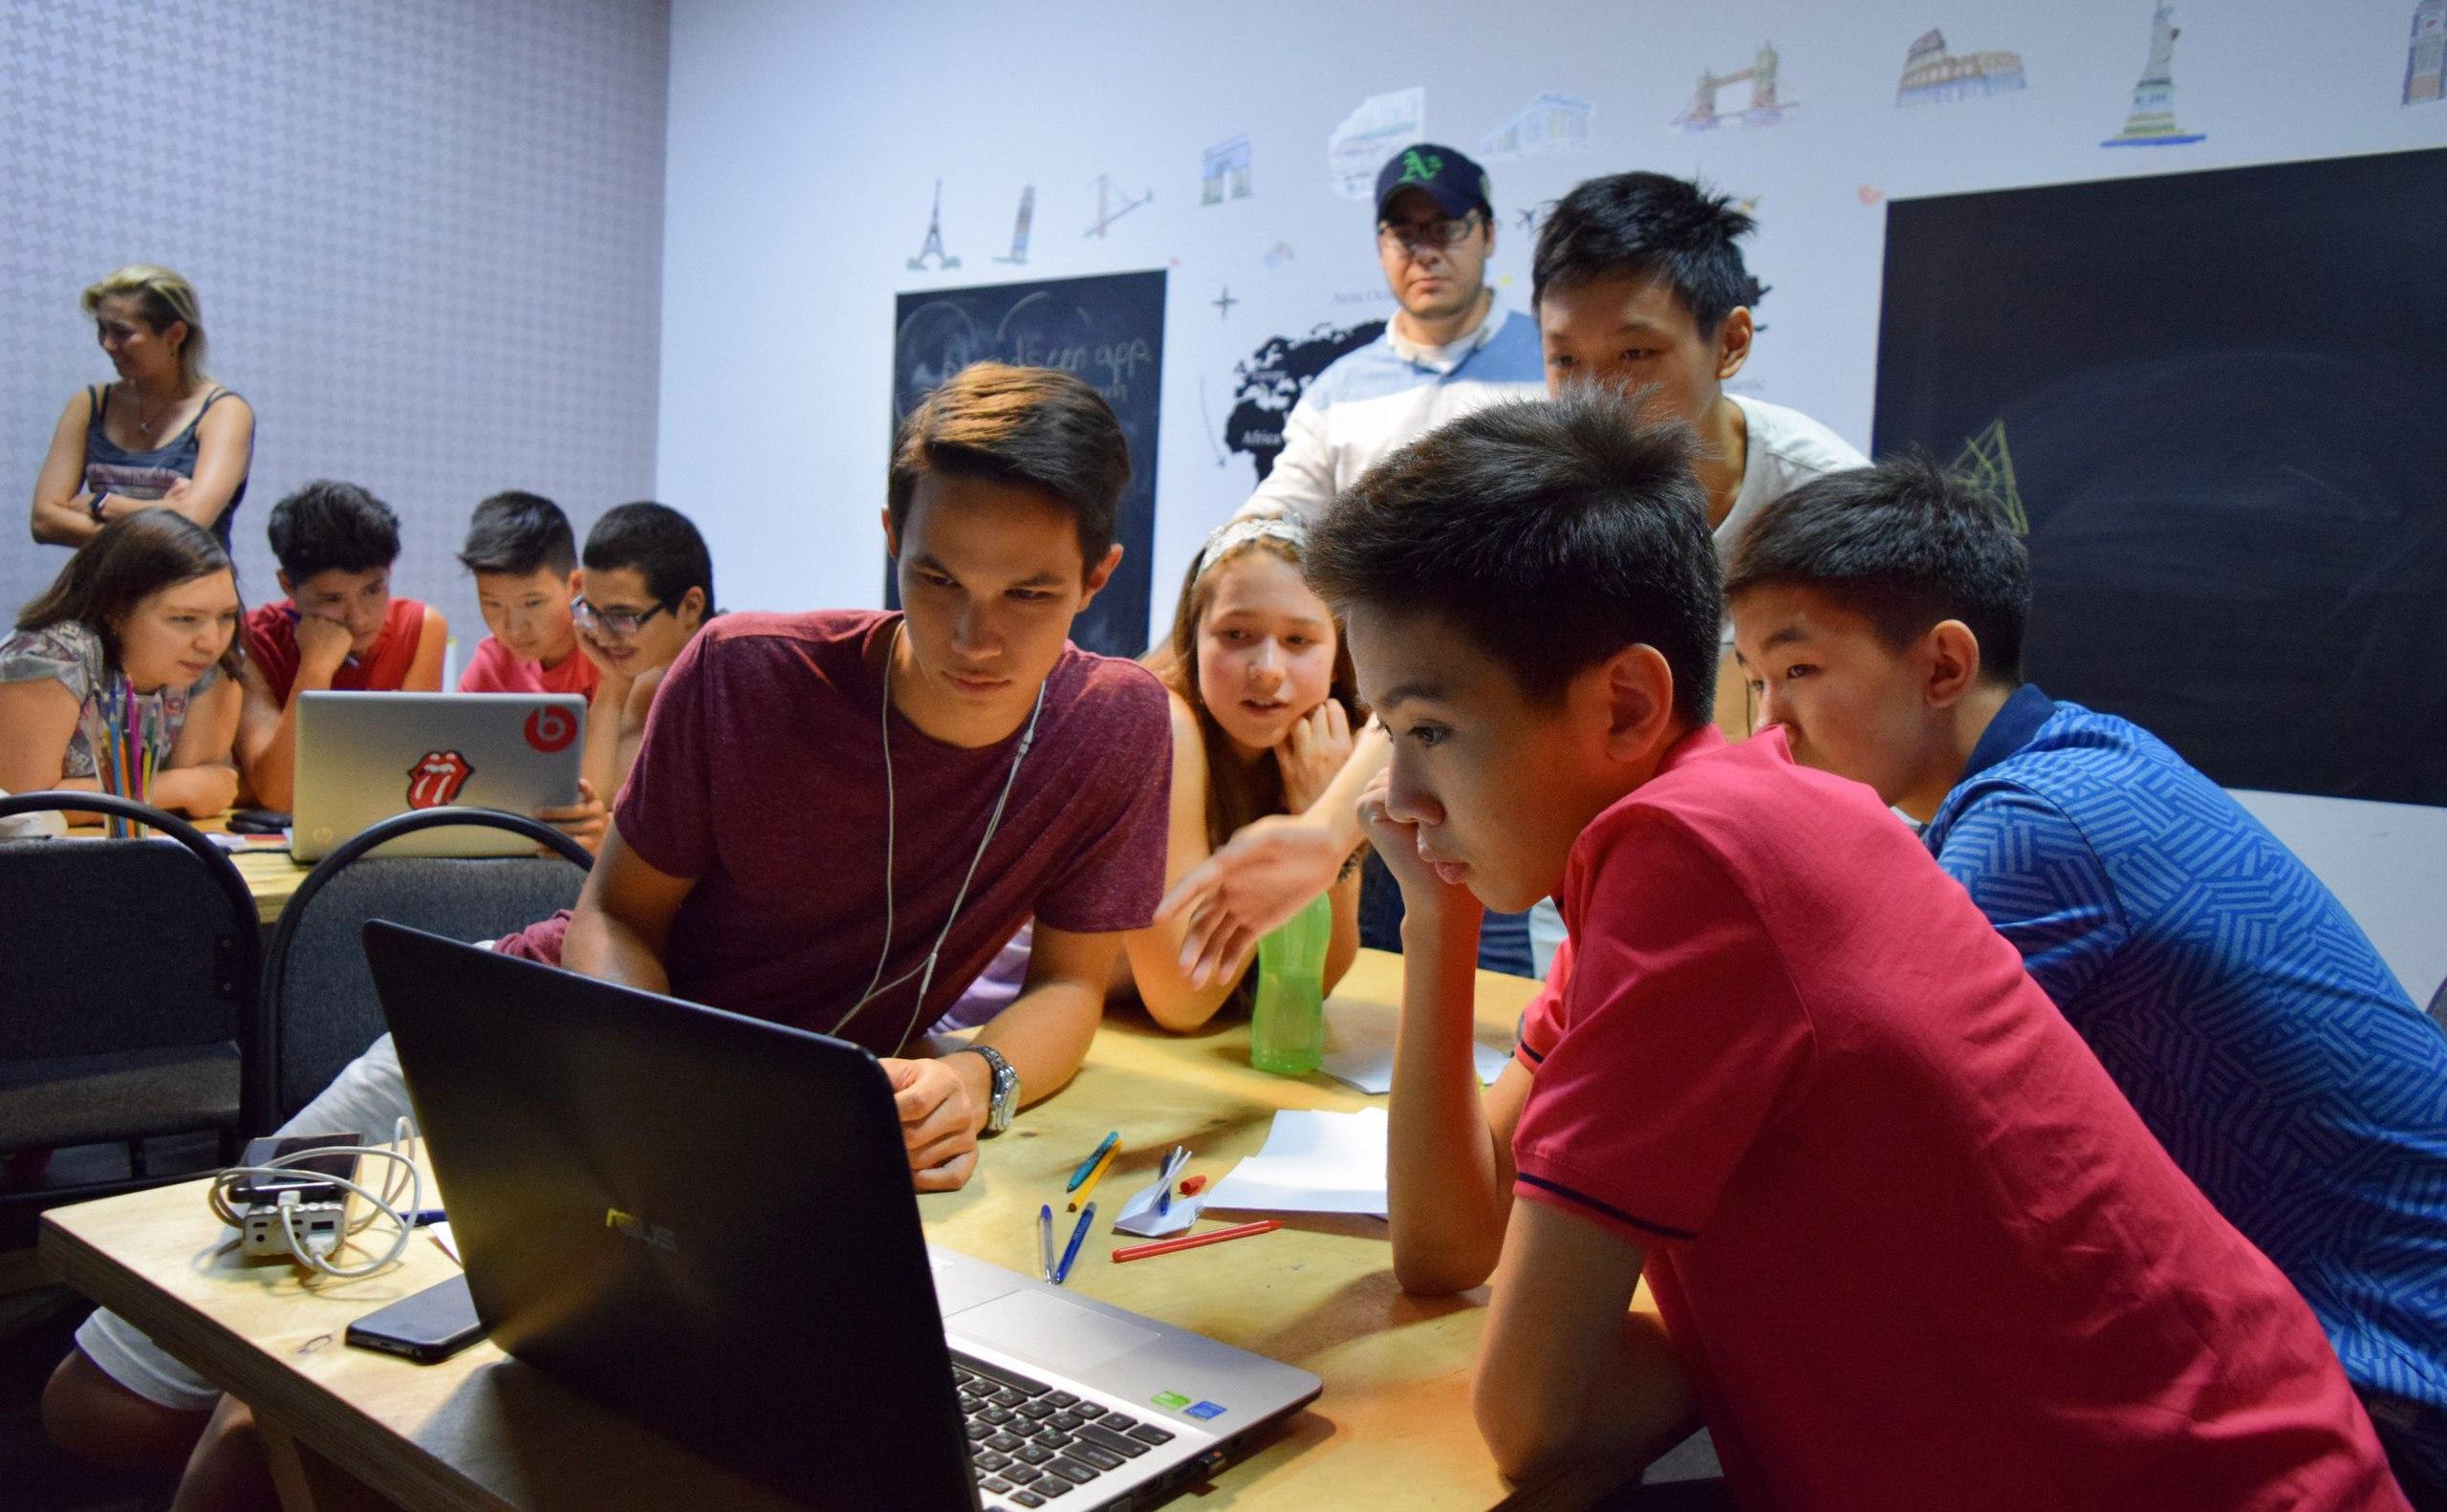 Открытках, картинки тренды современного образования